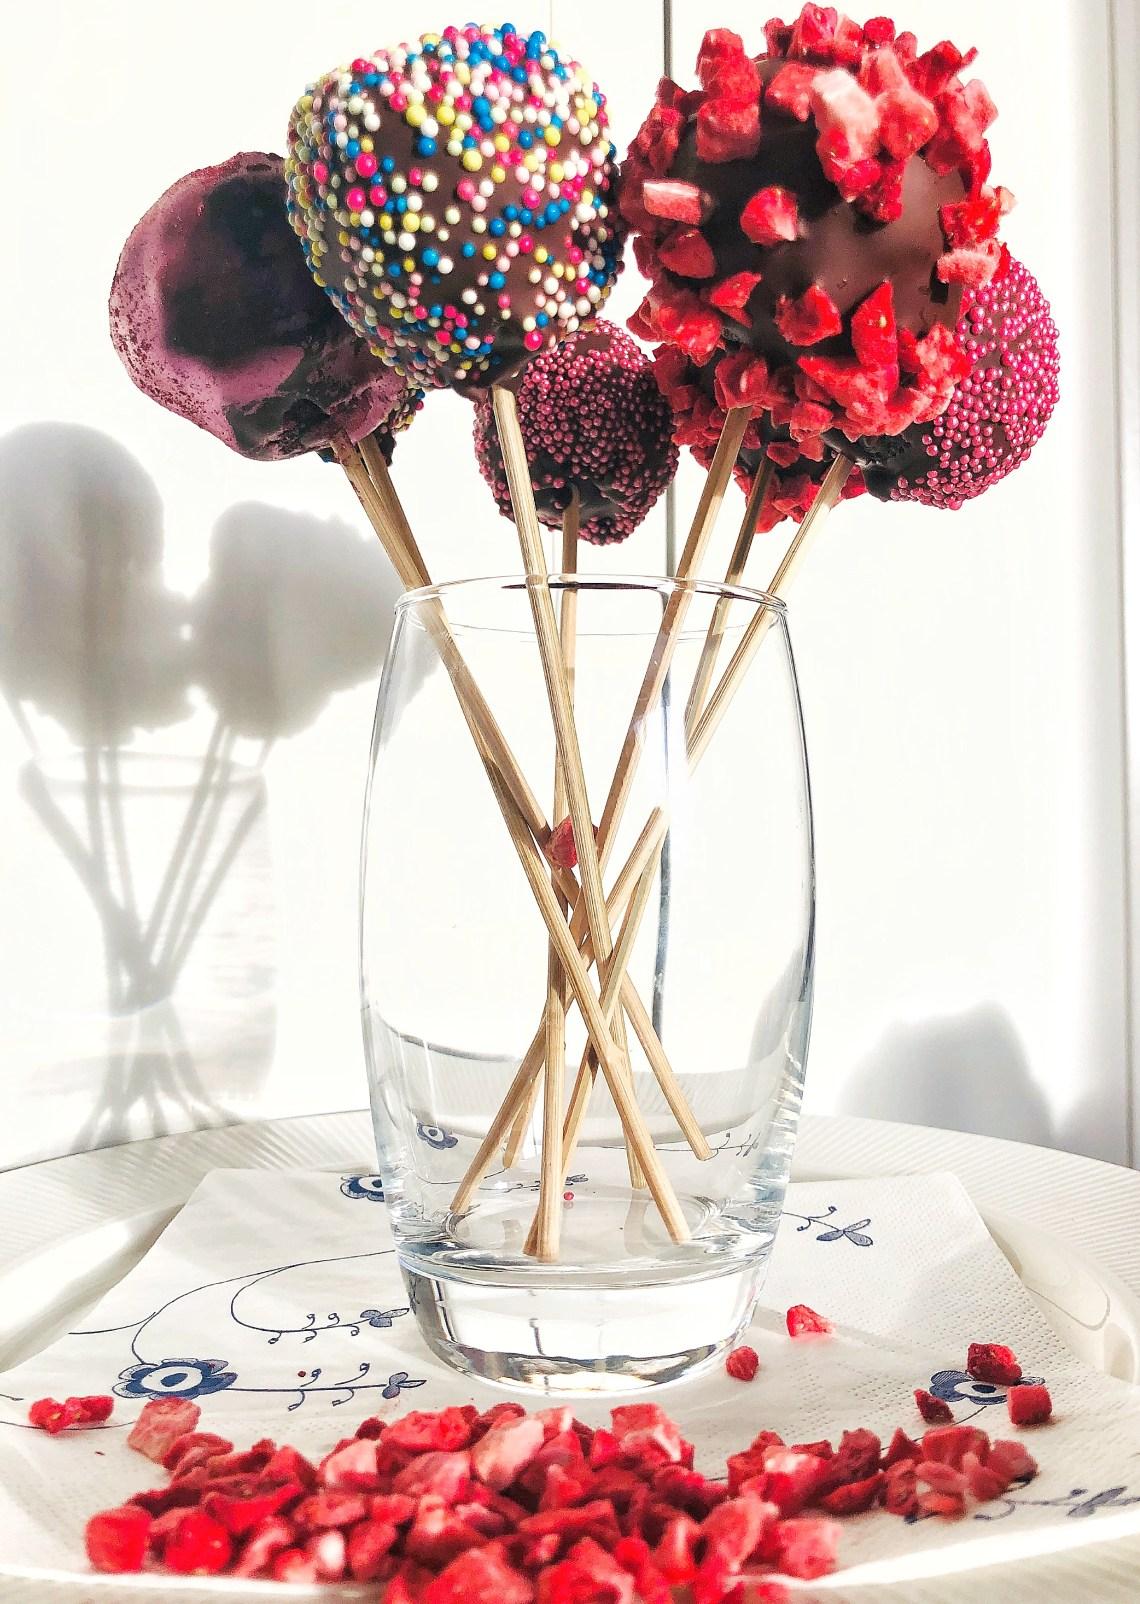 cake pops, smukke kager på pind med masser af flot krymmel på